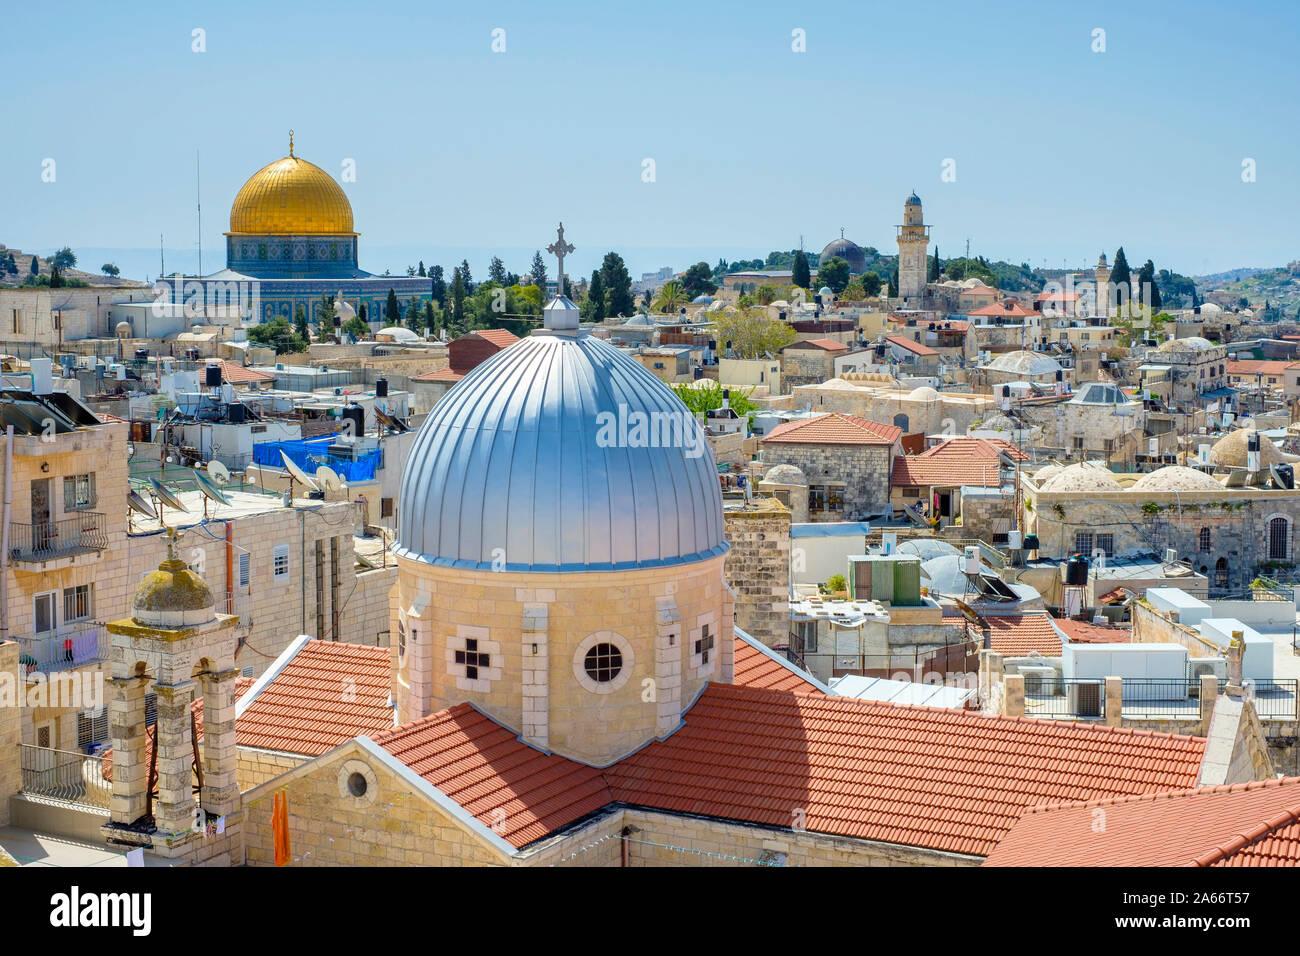 La cúpula de la roca y la iglesia de Santa María de agonía en la Ciudad Vieja de Jerusalén, Israel. Foto de stock